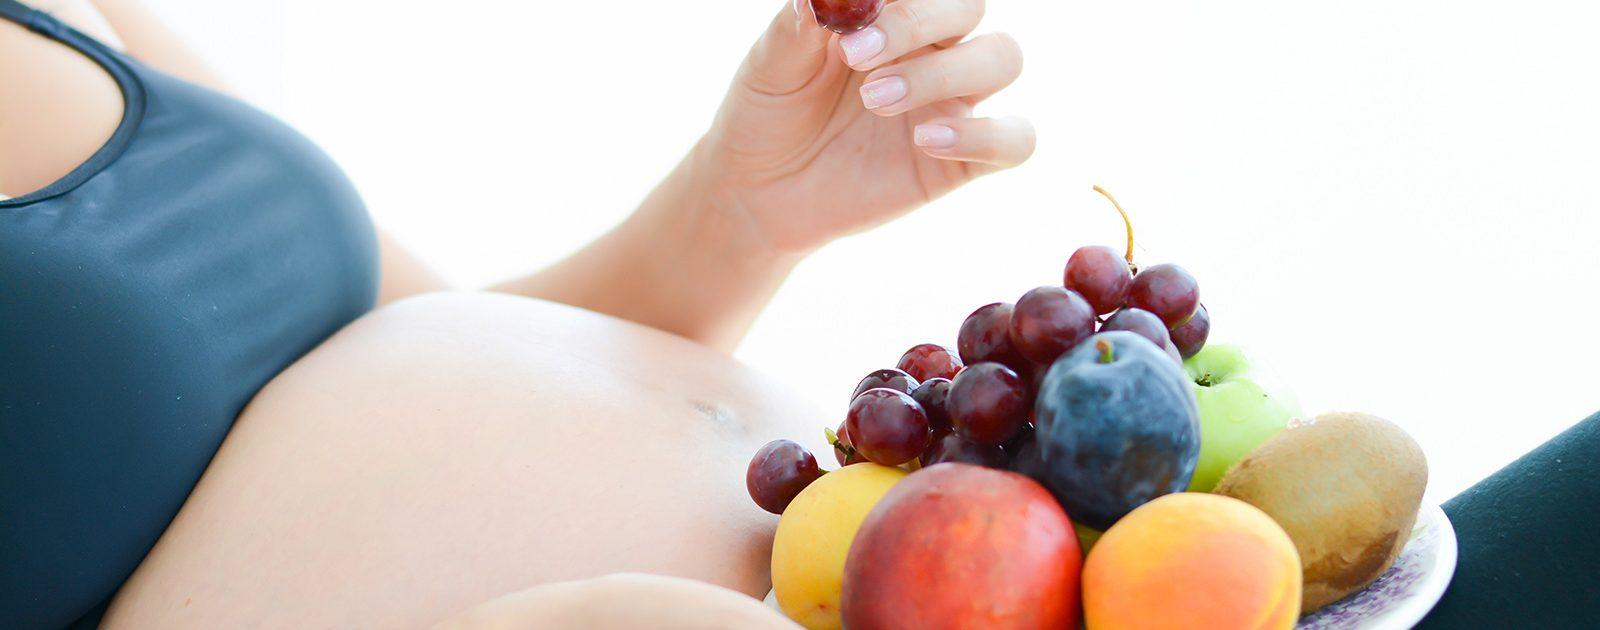 Frau ernährt sich aufgrund von Kinderwunsch gesund